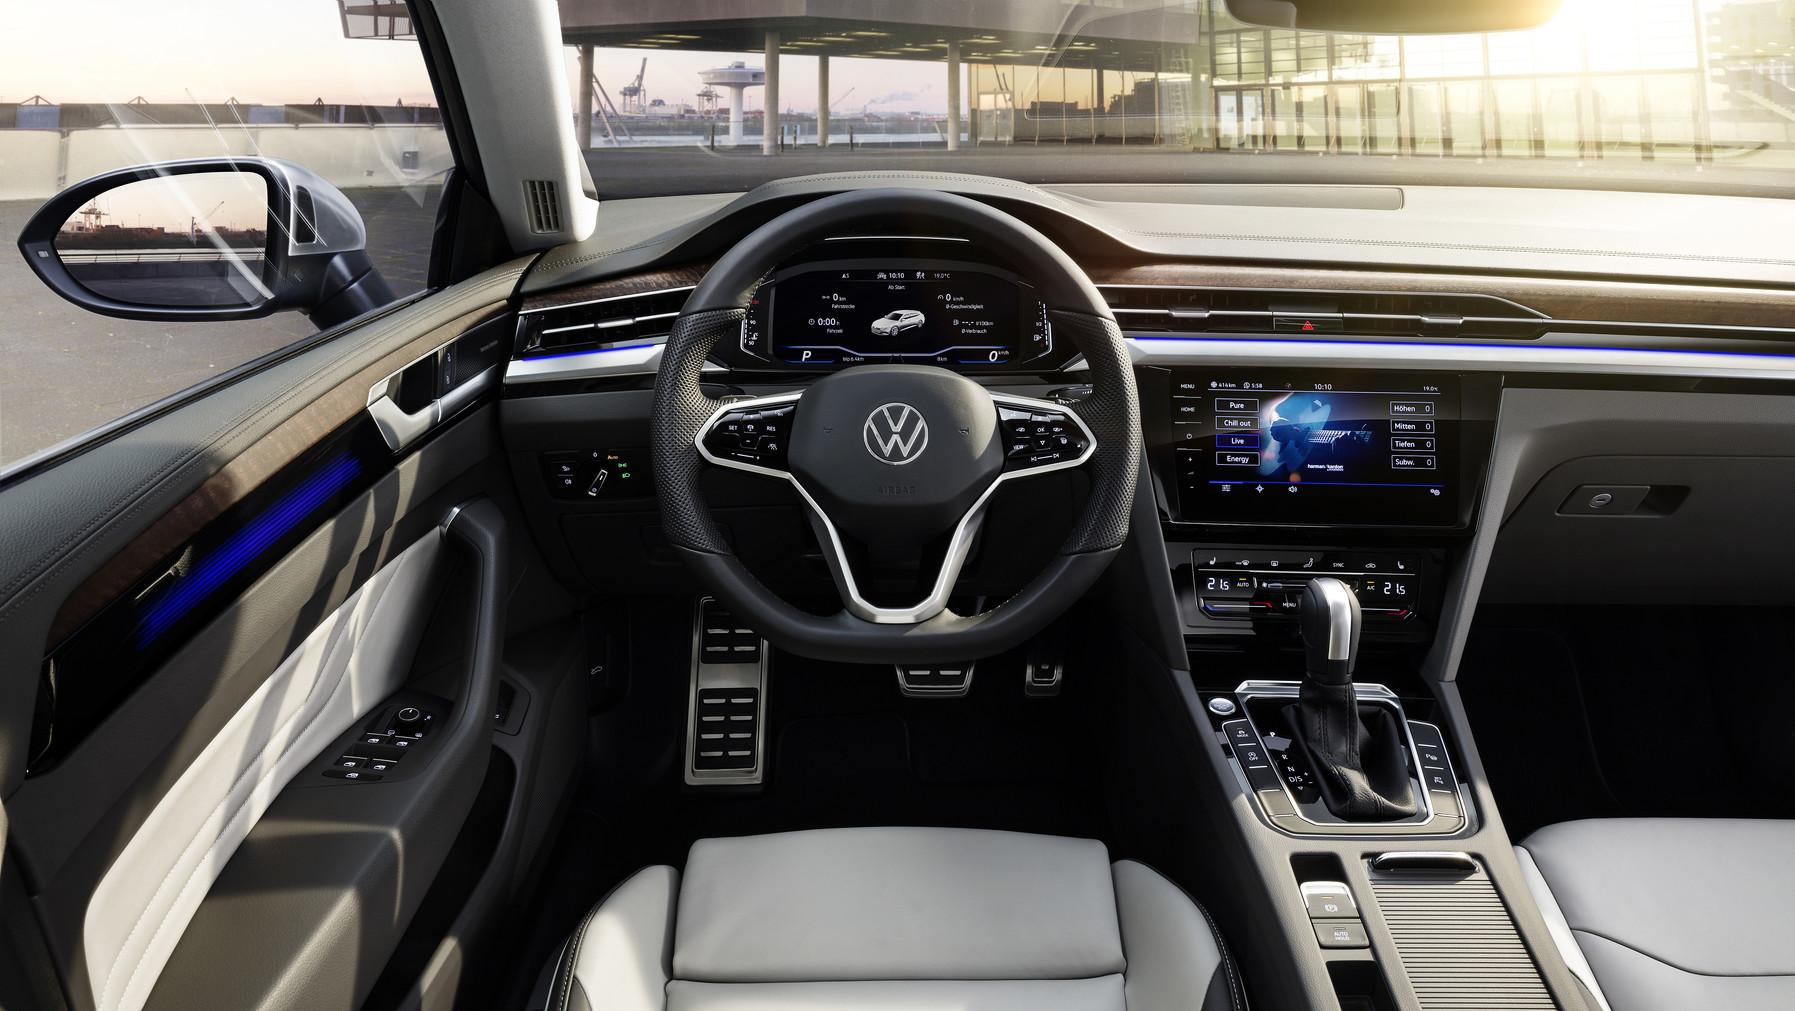 VW arteon sisätilat jyväskylä